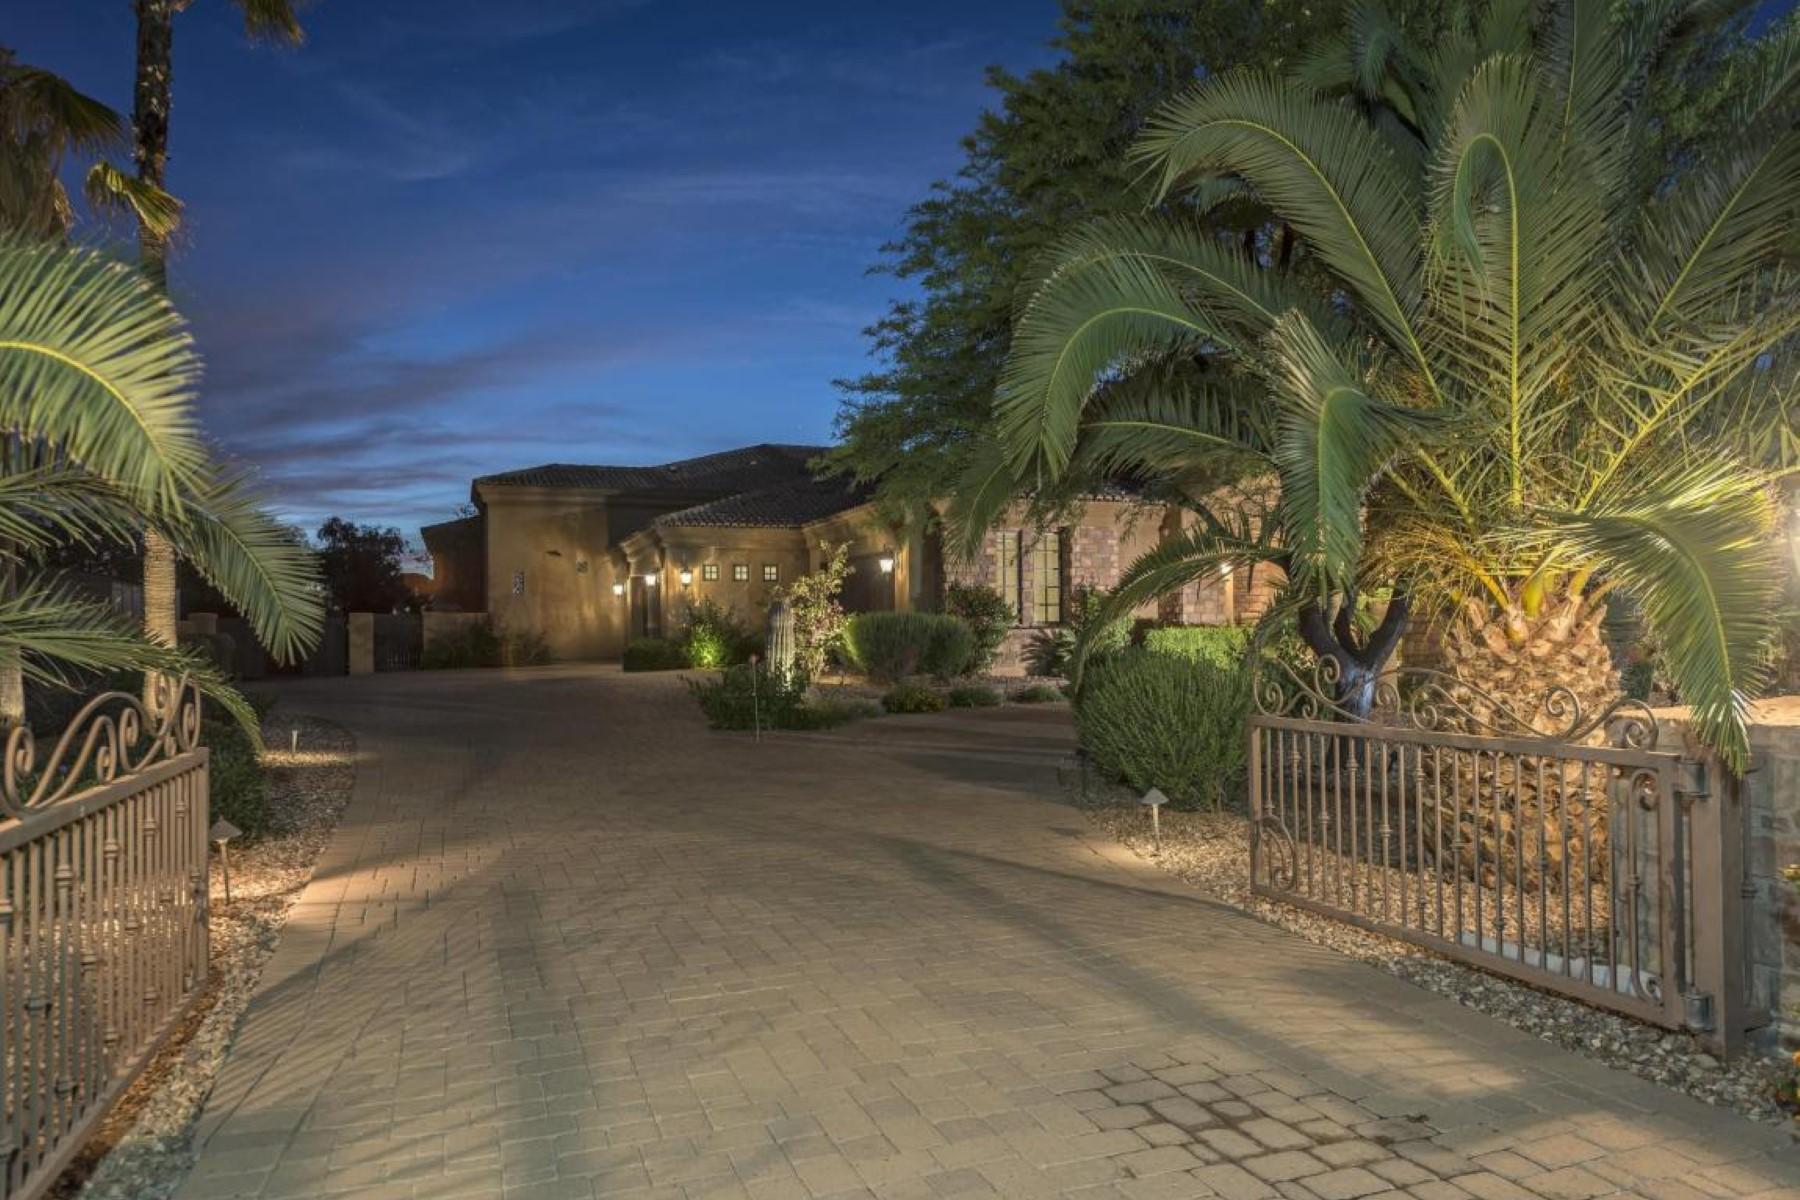 단독 가정 주택 용 매매 에 Magnificent Mediterranean home behind private gates 12122 N 98th St Scottsdale, 아리조나, 85260 미국